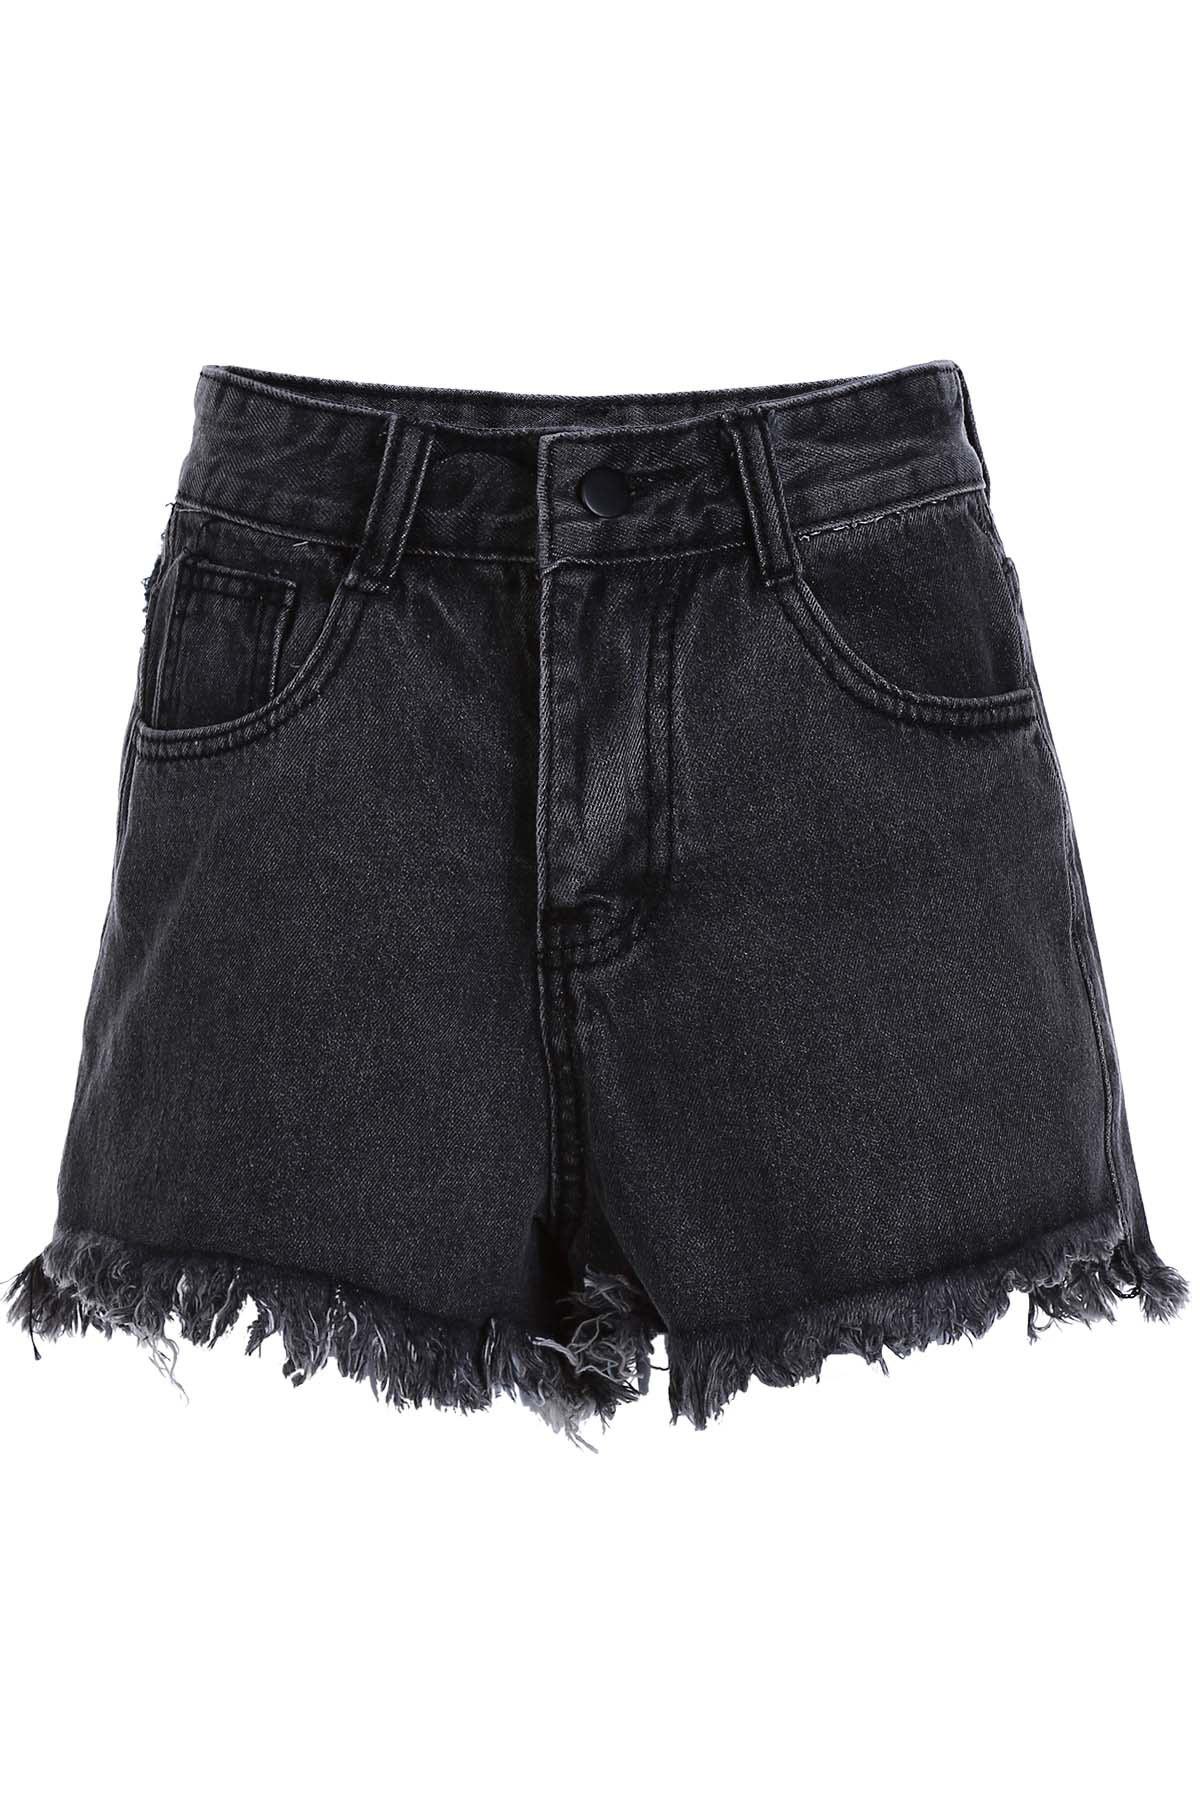 High Waist Denim Black Shorts